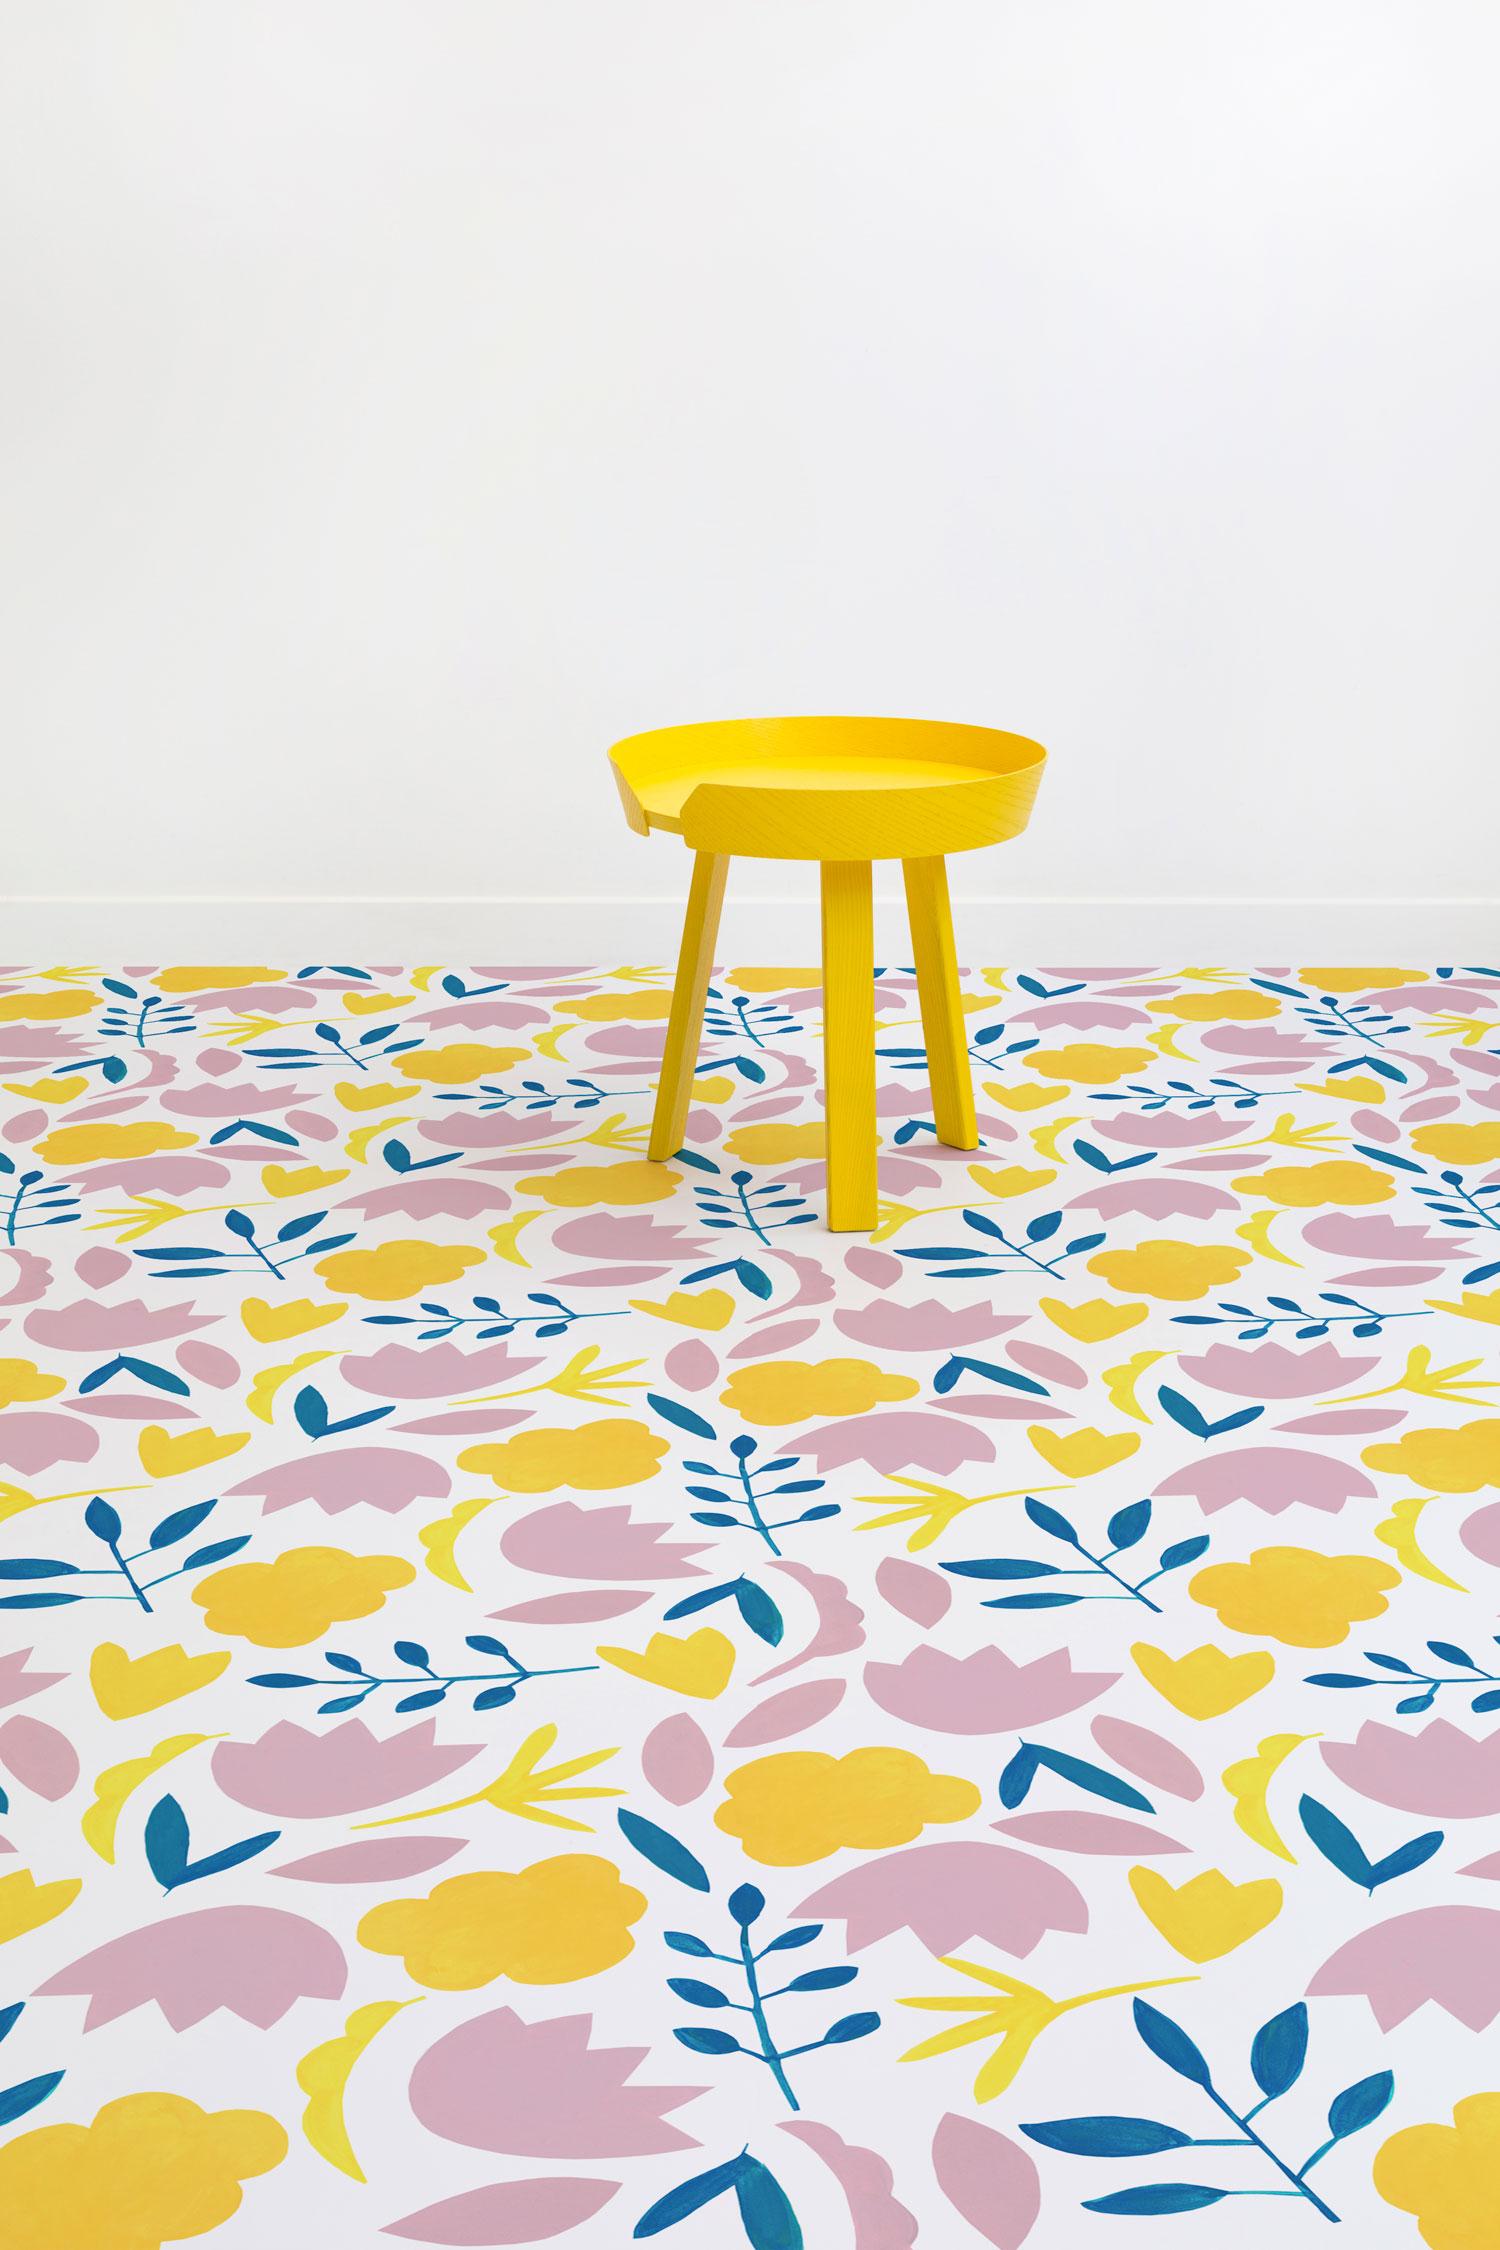 Image (c) Atra Floor